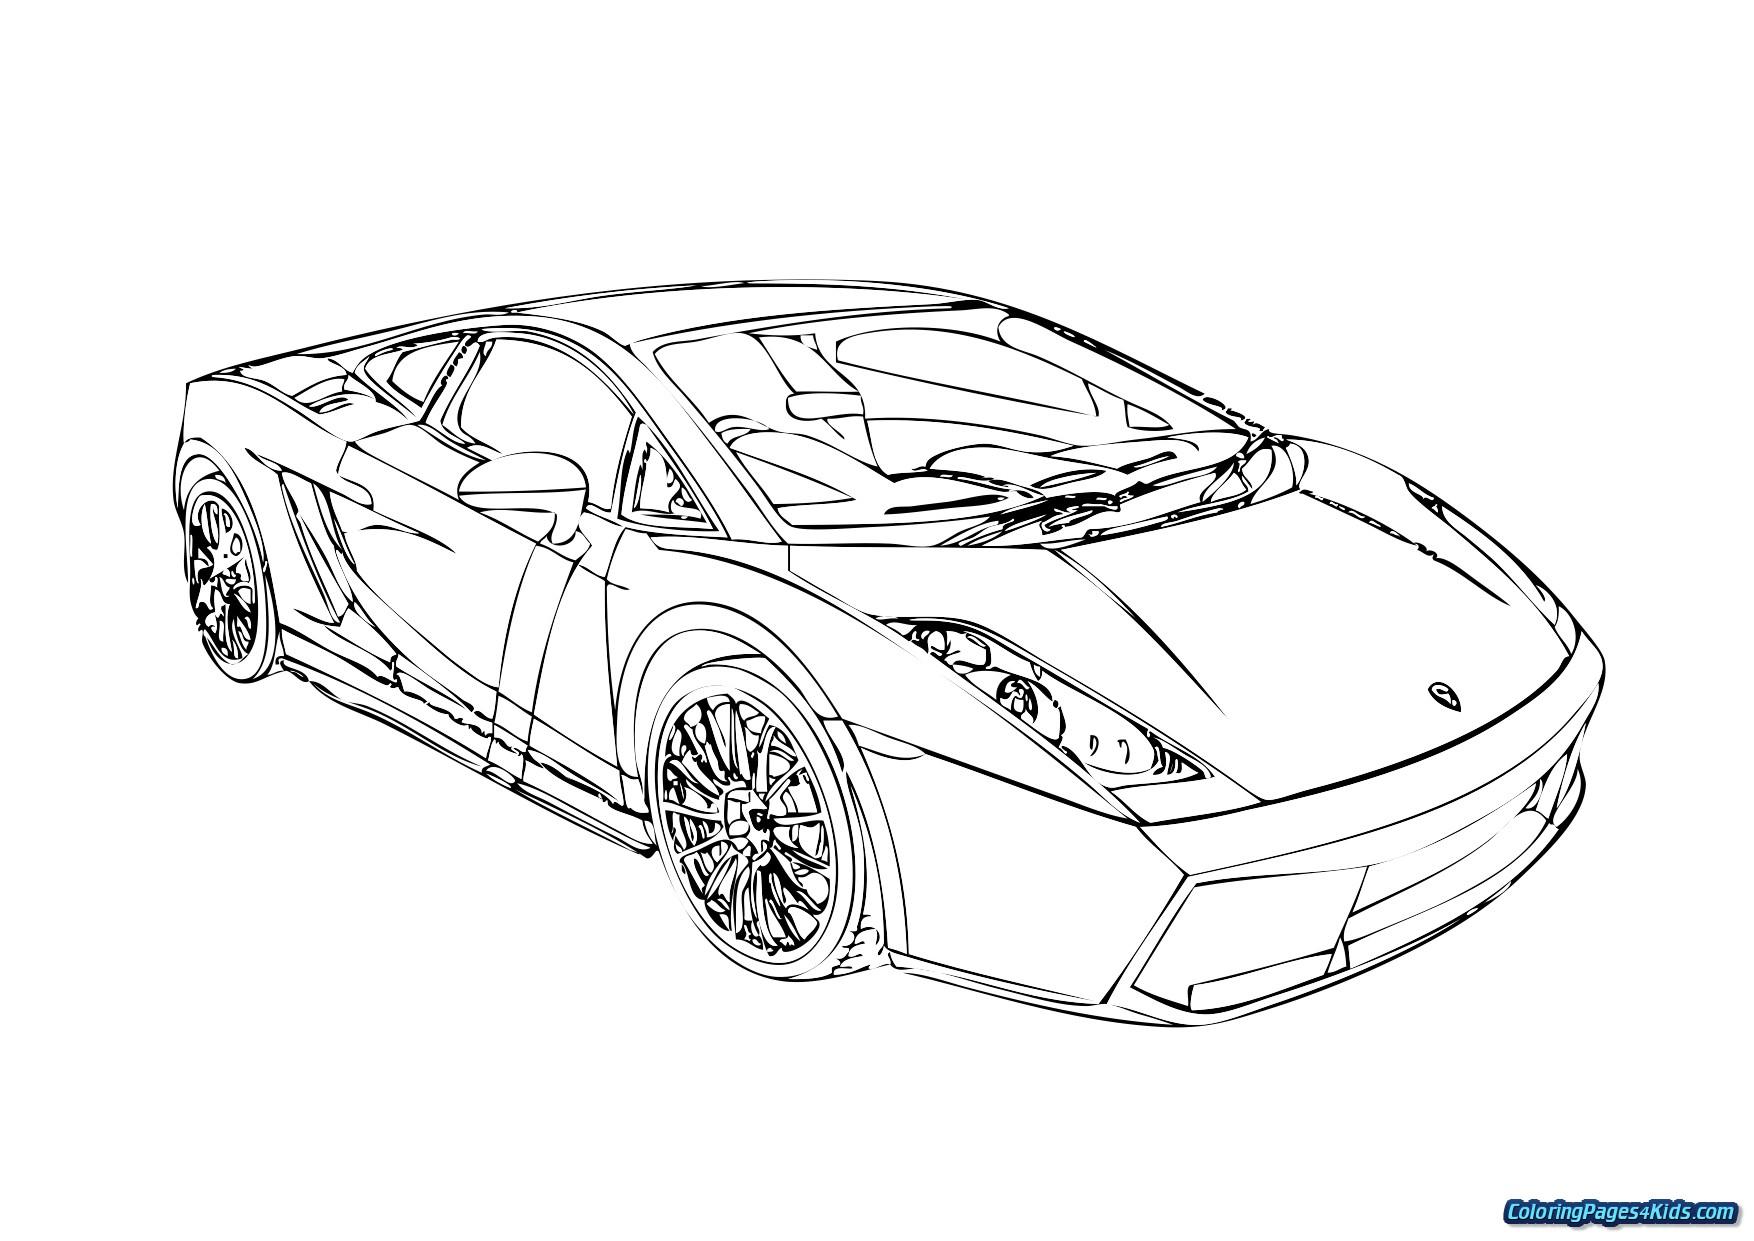 Gratis Malvorlagen Lamborghini | Coloring And Malvorlagan verwandt mit Malvorlagen Lamborghini